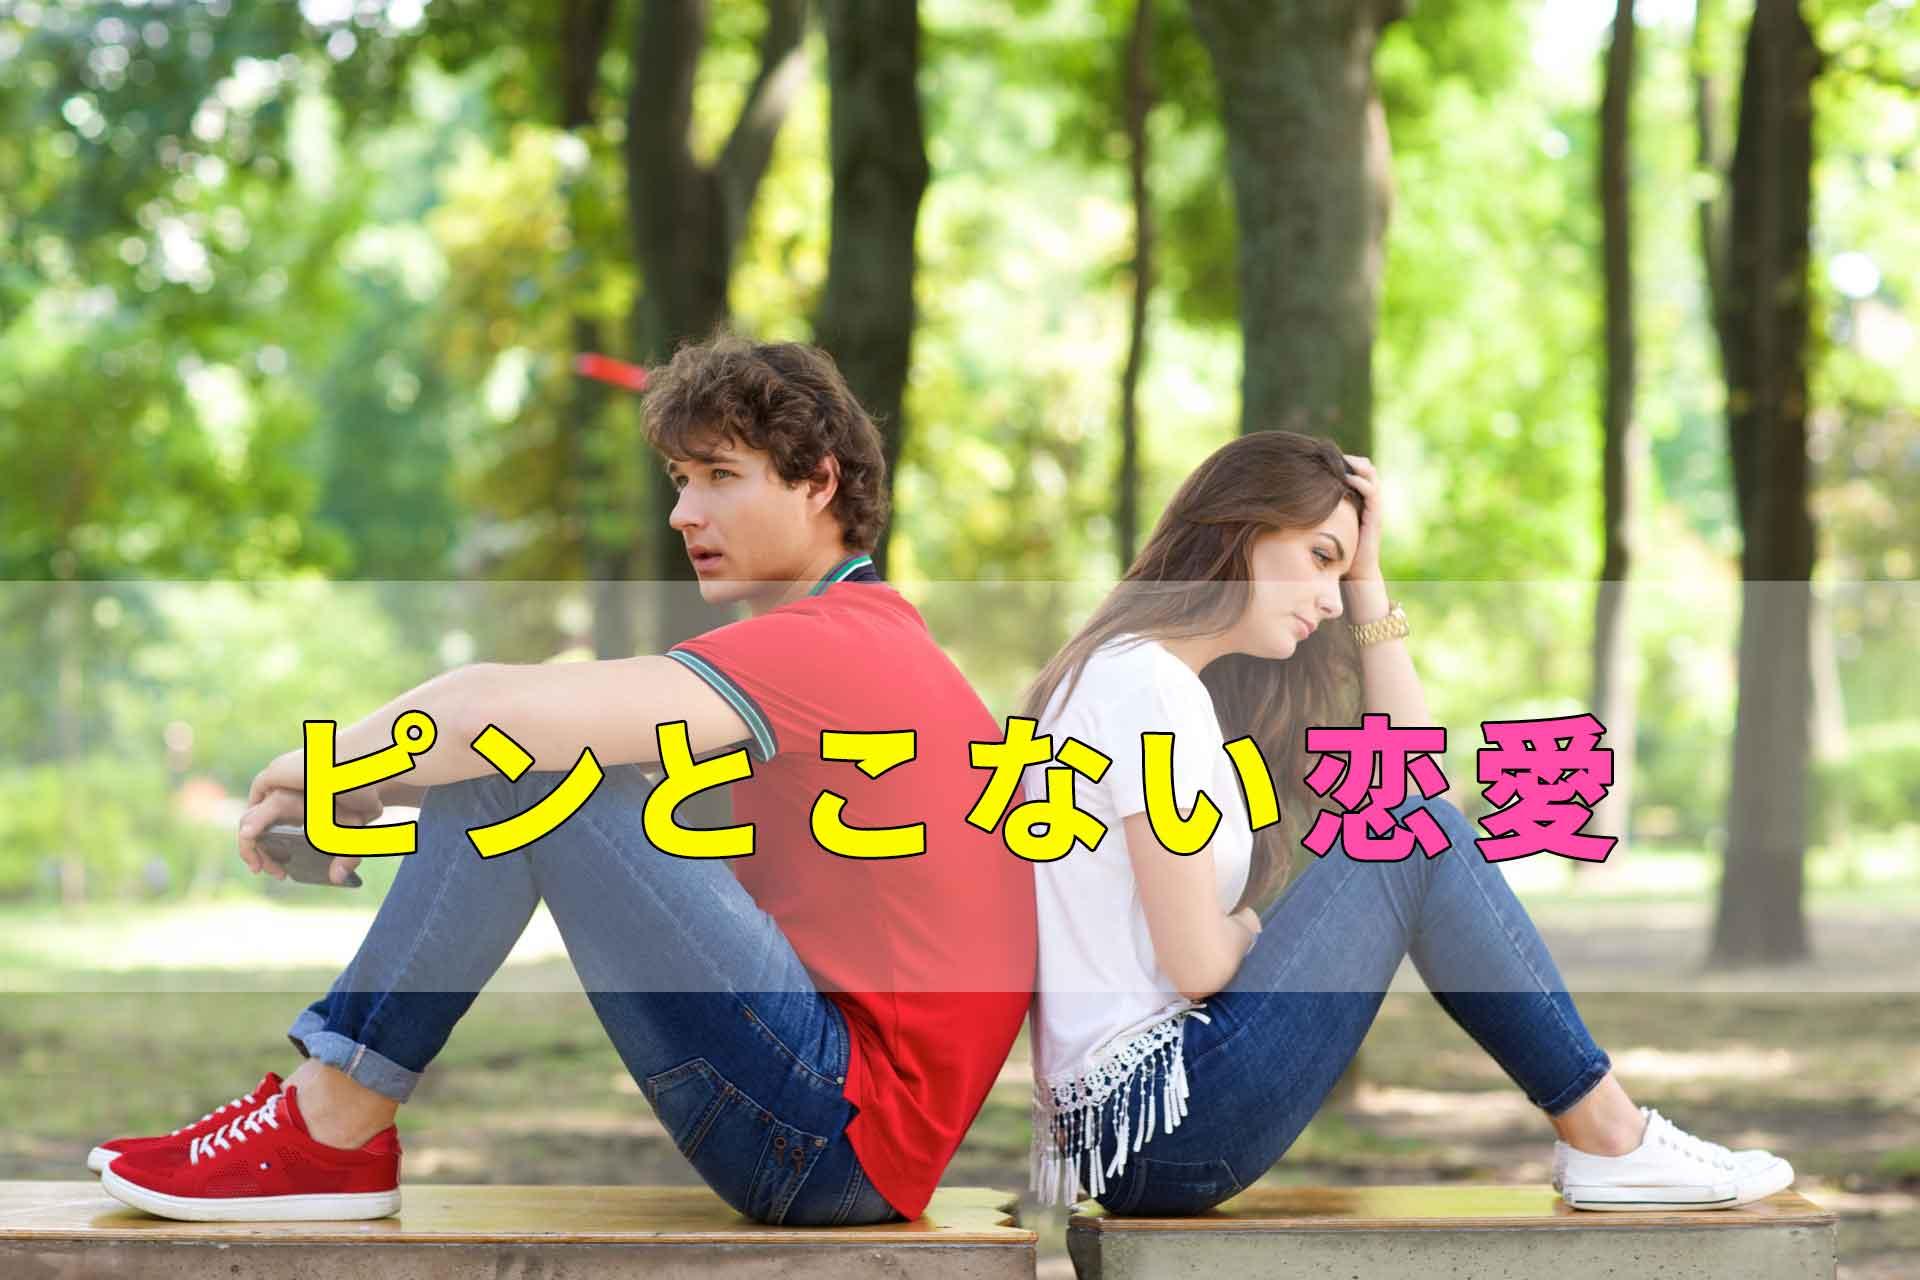 ピンとこない恋愛の文字と公園に背中合わせに座る男女